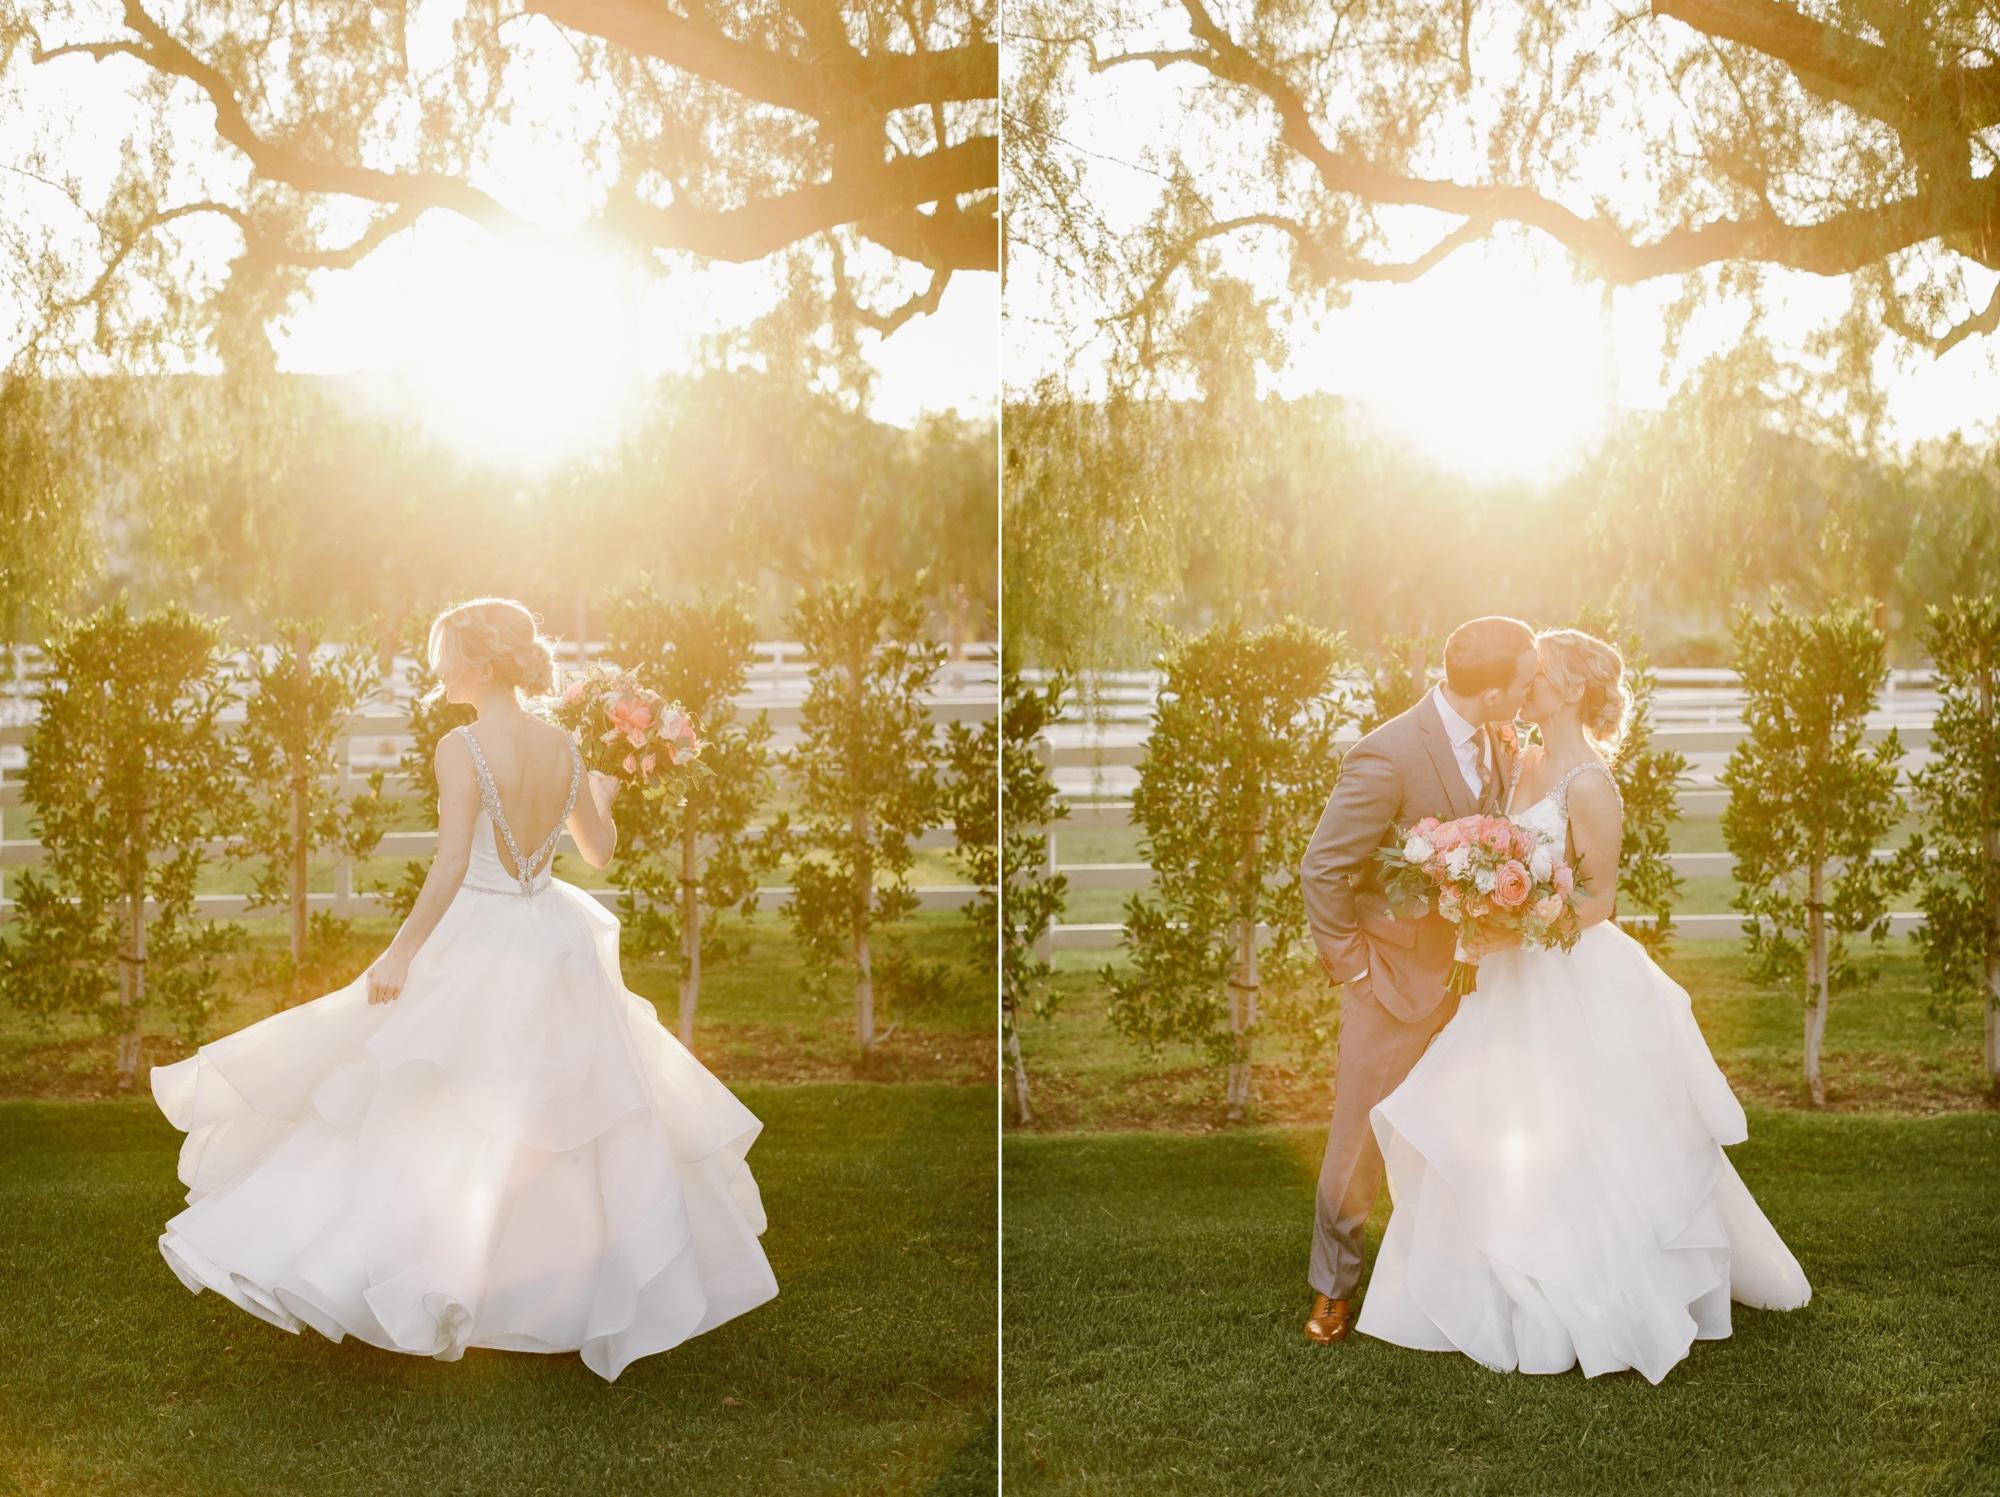 109_Amanda and Matt Wedding-862_Amanda and Matt Wedding-864.jpg